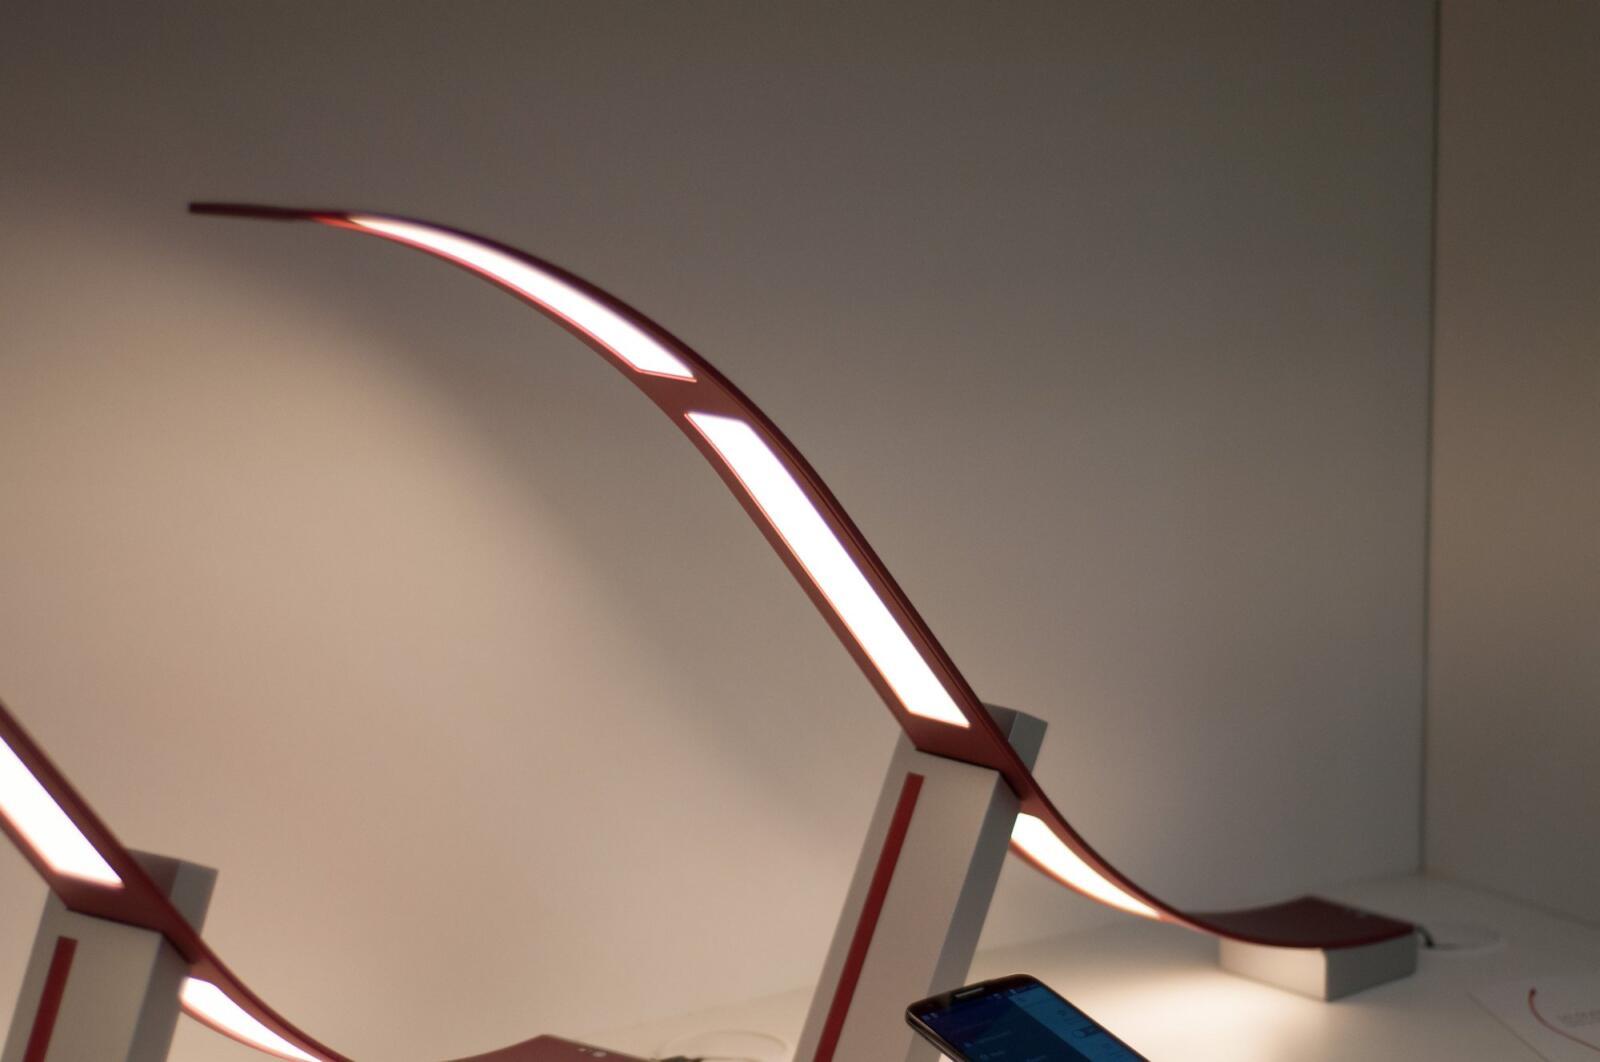 Lg macht fortschritte bei der entwicklung von oled lampen for Lampen namen